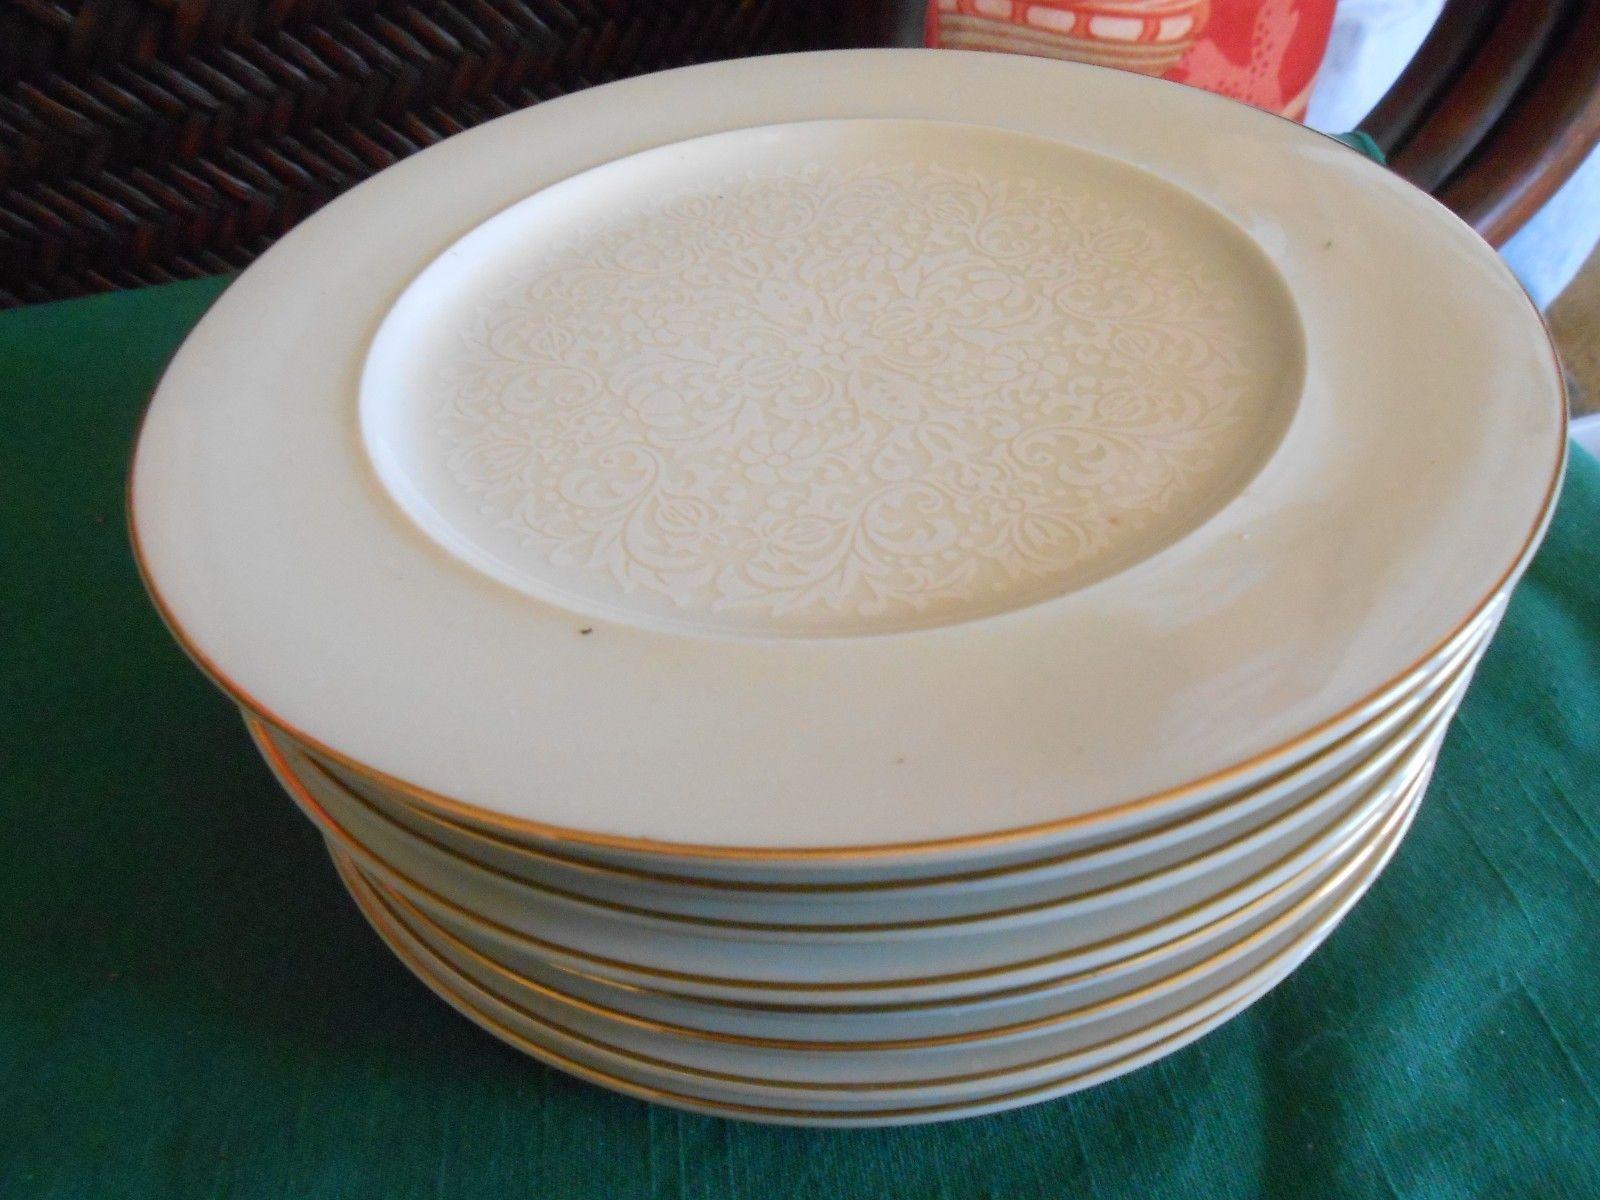 Beautiful Paloma TAIHEI China Ivory-Gold Trim- 7 DINNER Plates & Beautiful Paloma Taihei China Ivory-Gold and 50 similar items